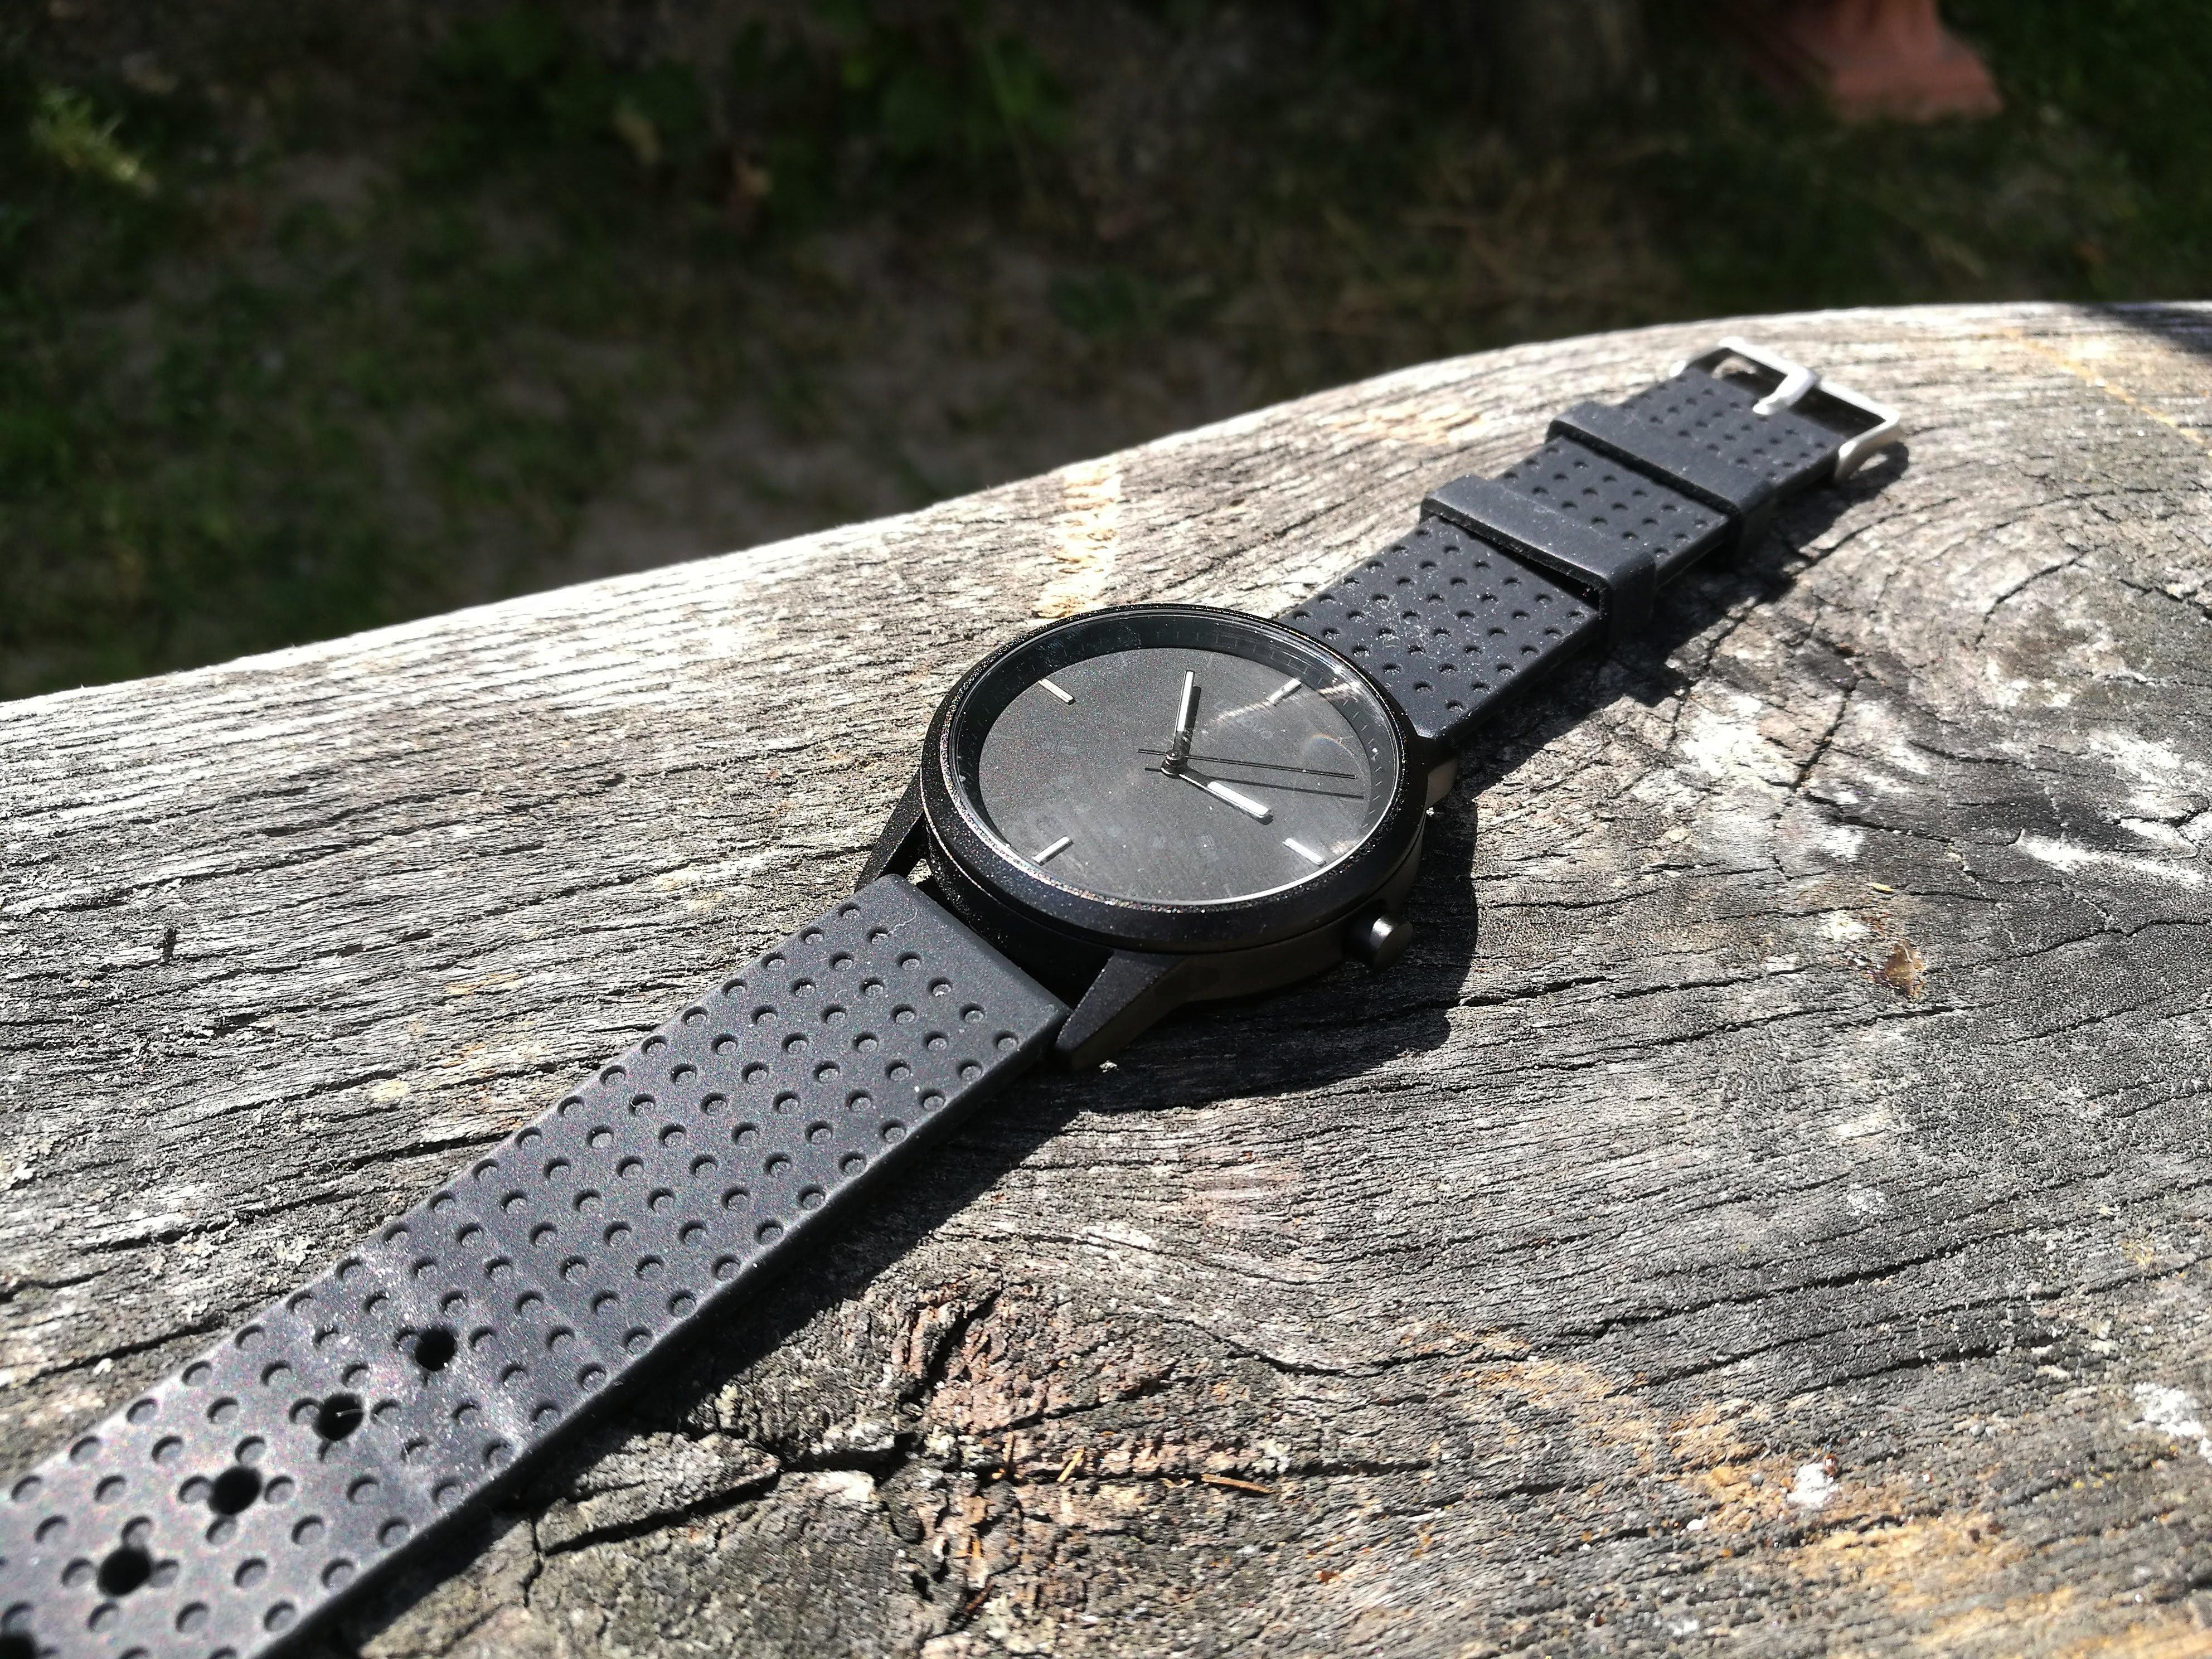 To chyba najczęściej opisywany zegarek na Tabletowo, i znów jest w promocji. Lenovo Watch 9 za 70 złotych 21